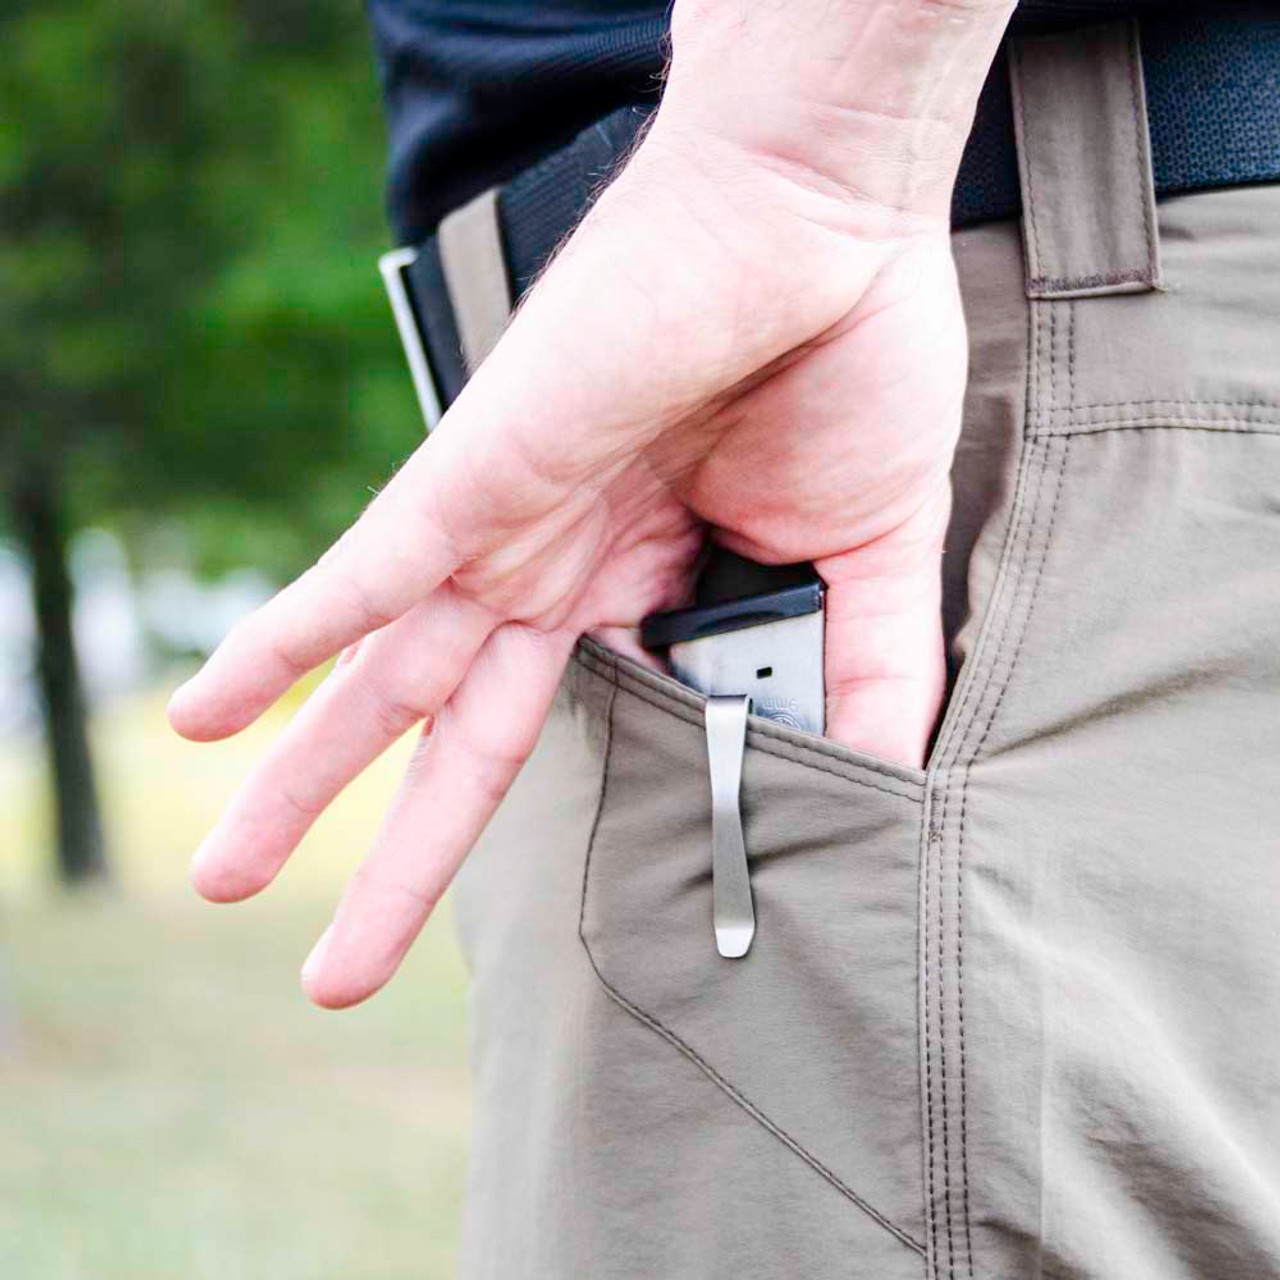 NeoMag - Magnetic In-The-Pocket Mag Holder